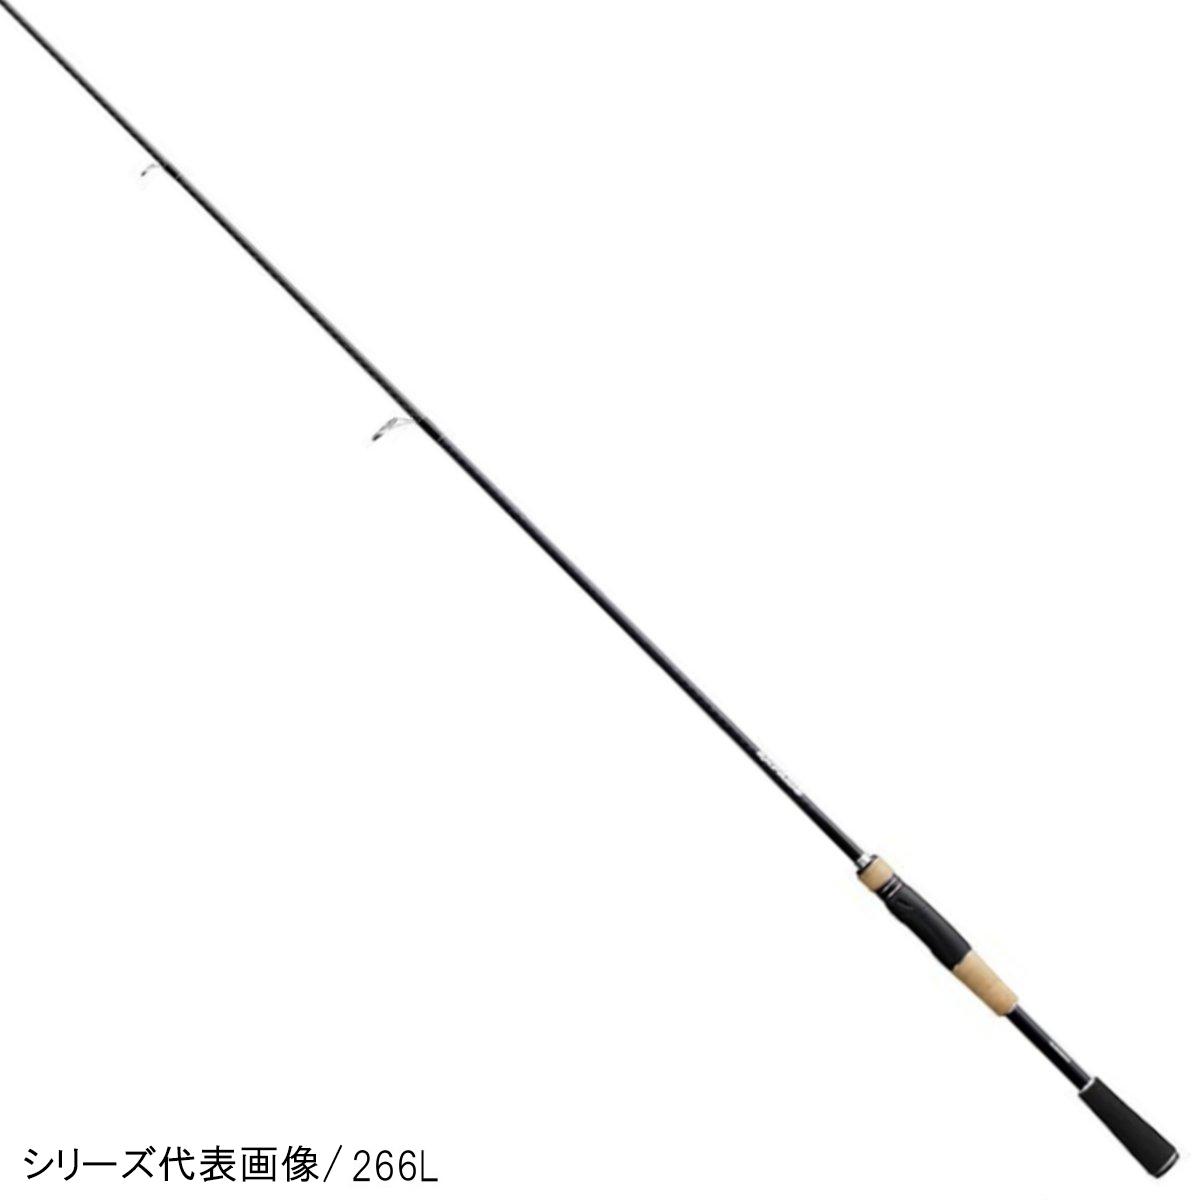 【初売り】 シマノ 264UL-2シマノ エクスプライド 264UL-2, ギフトなごみや:66019c98 --- totem-info.com